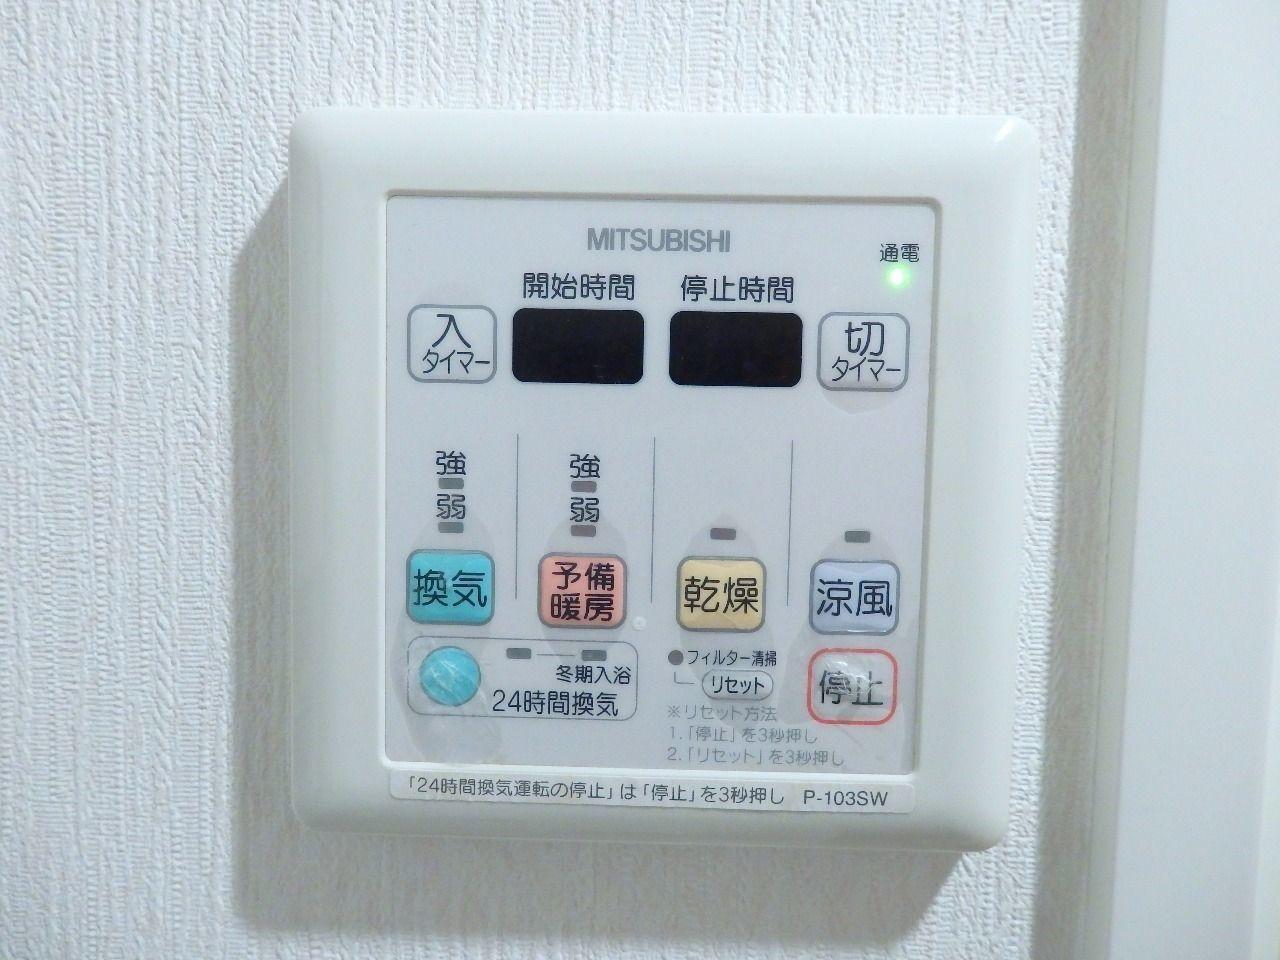 解り易いボタンの配置で簡単に操作できます